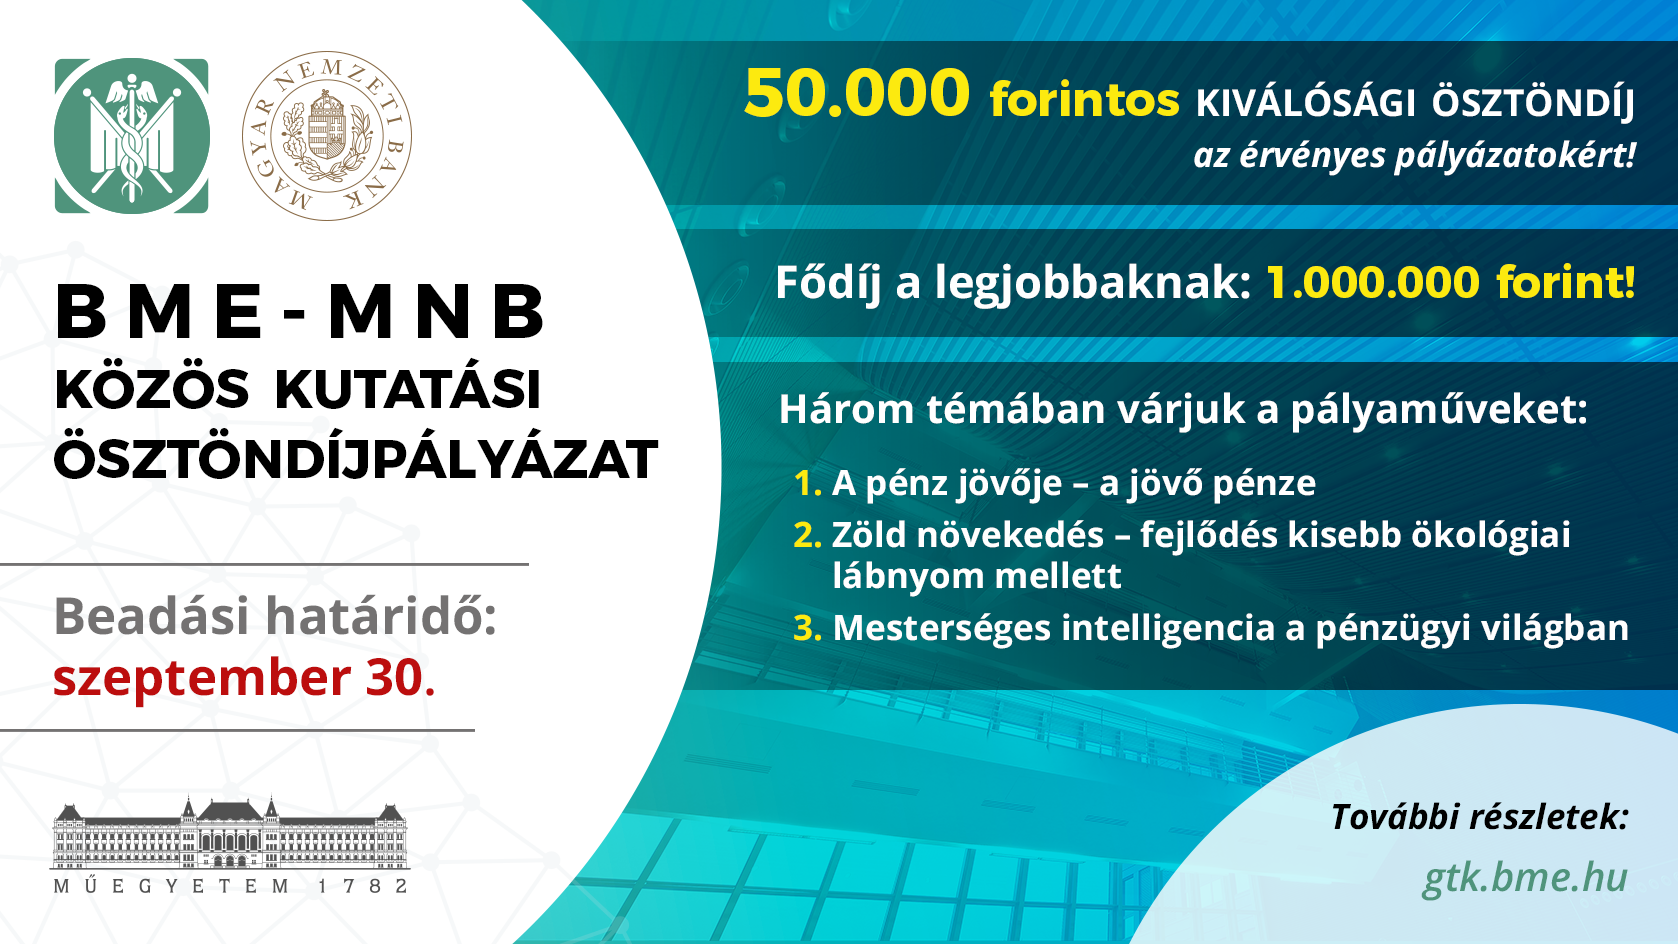 BME-MNB ösztöndíj 01